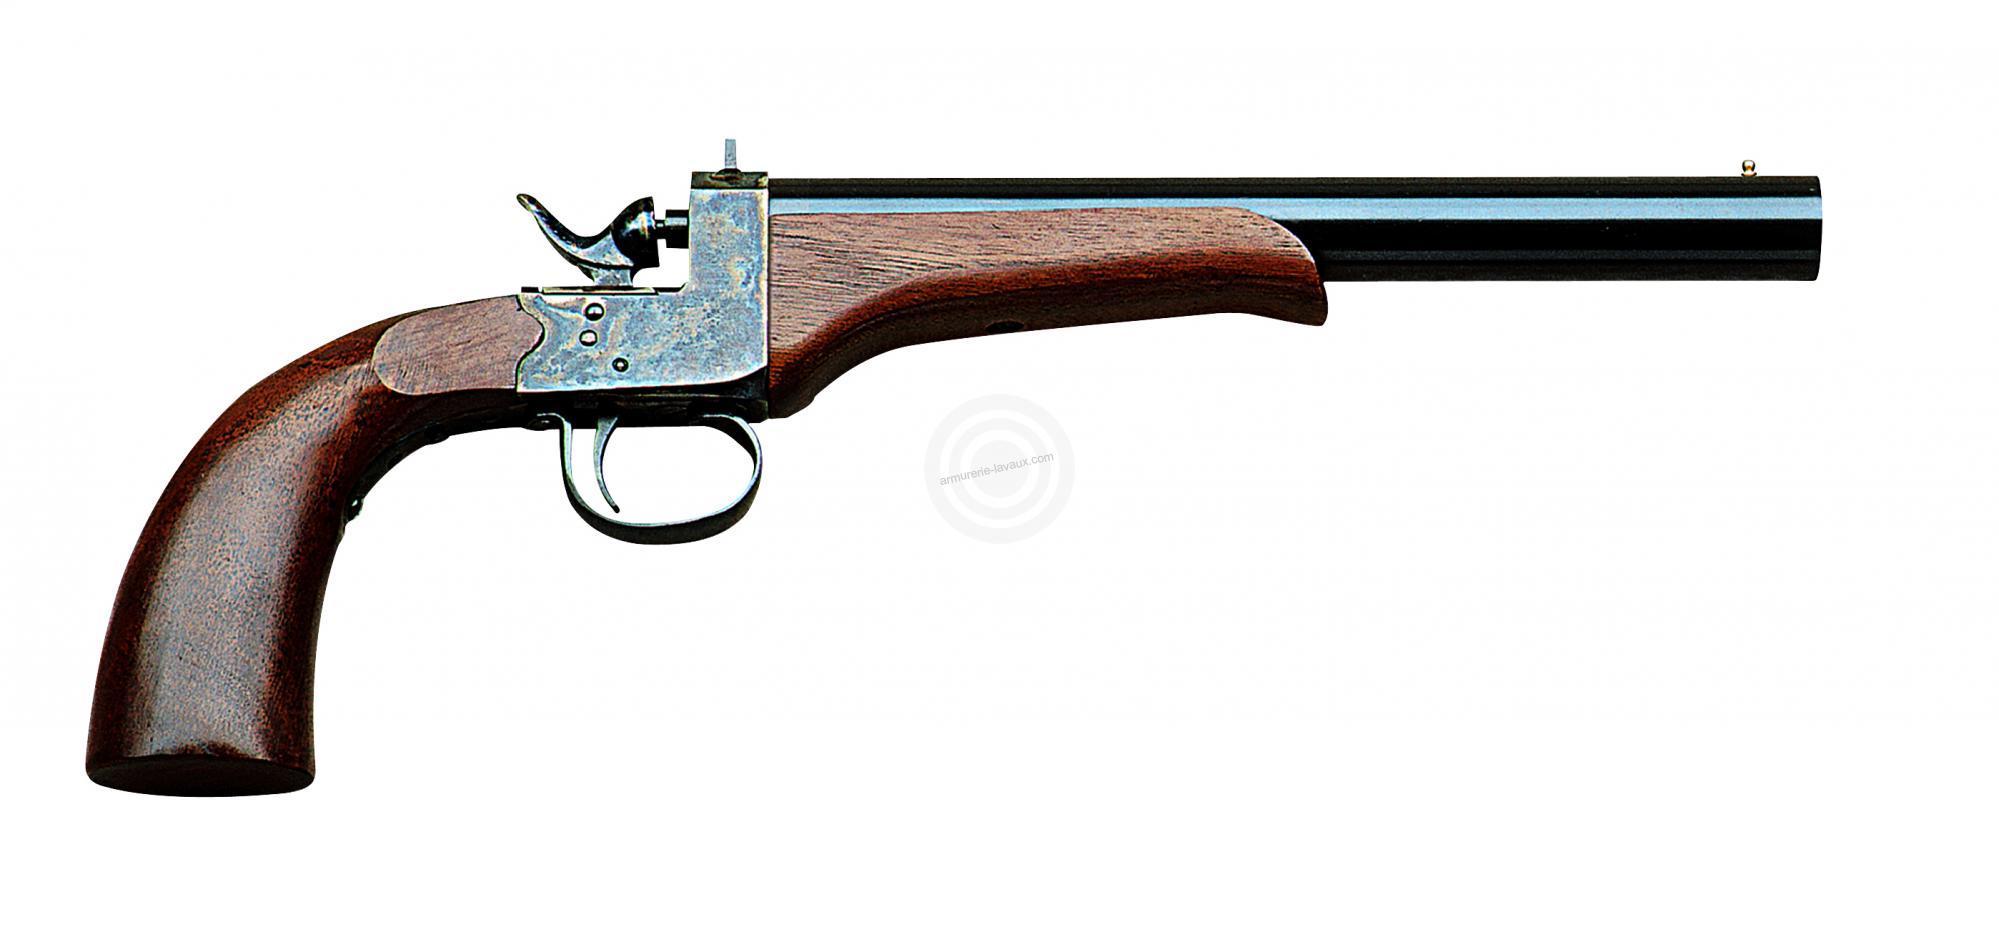 pistolet poudre noire pedersoli saloon armes poudre noire sur armurerie lavaux. Black Bedroom Furniture Sets. Home Design Ideas